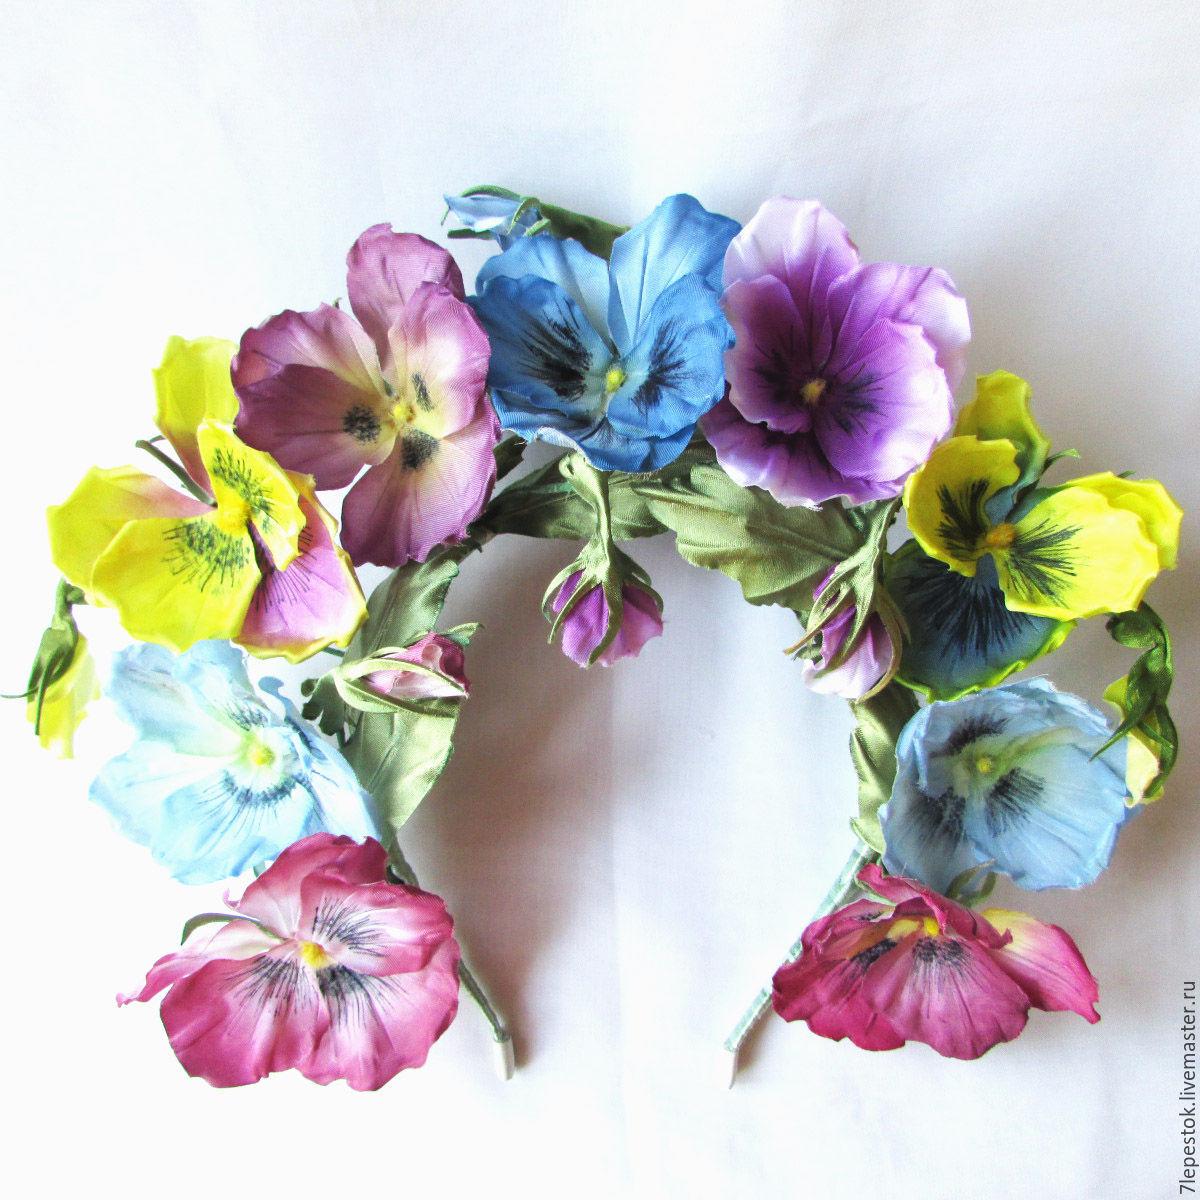 Купить цветы из шелка в интернет магазине аренда автомобилей доставка цветов смоленск